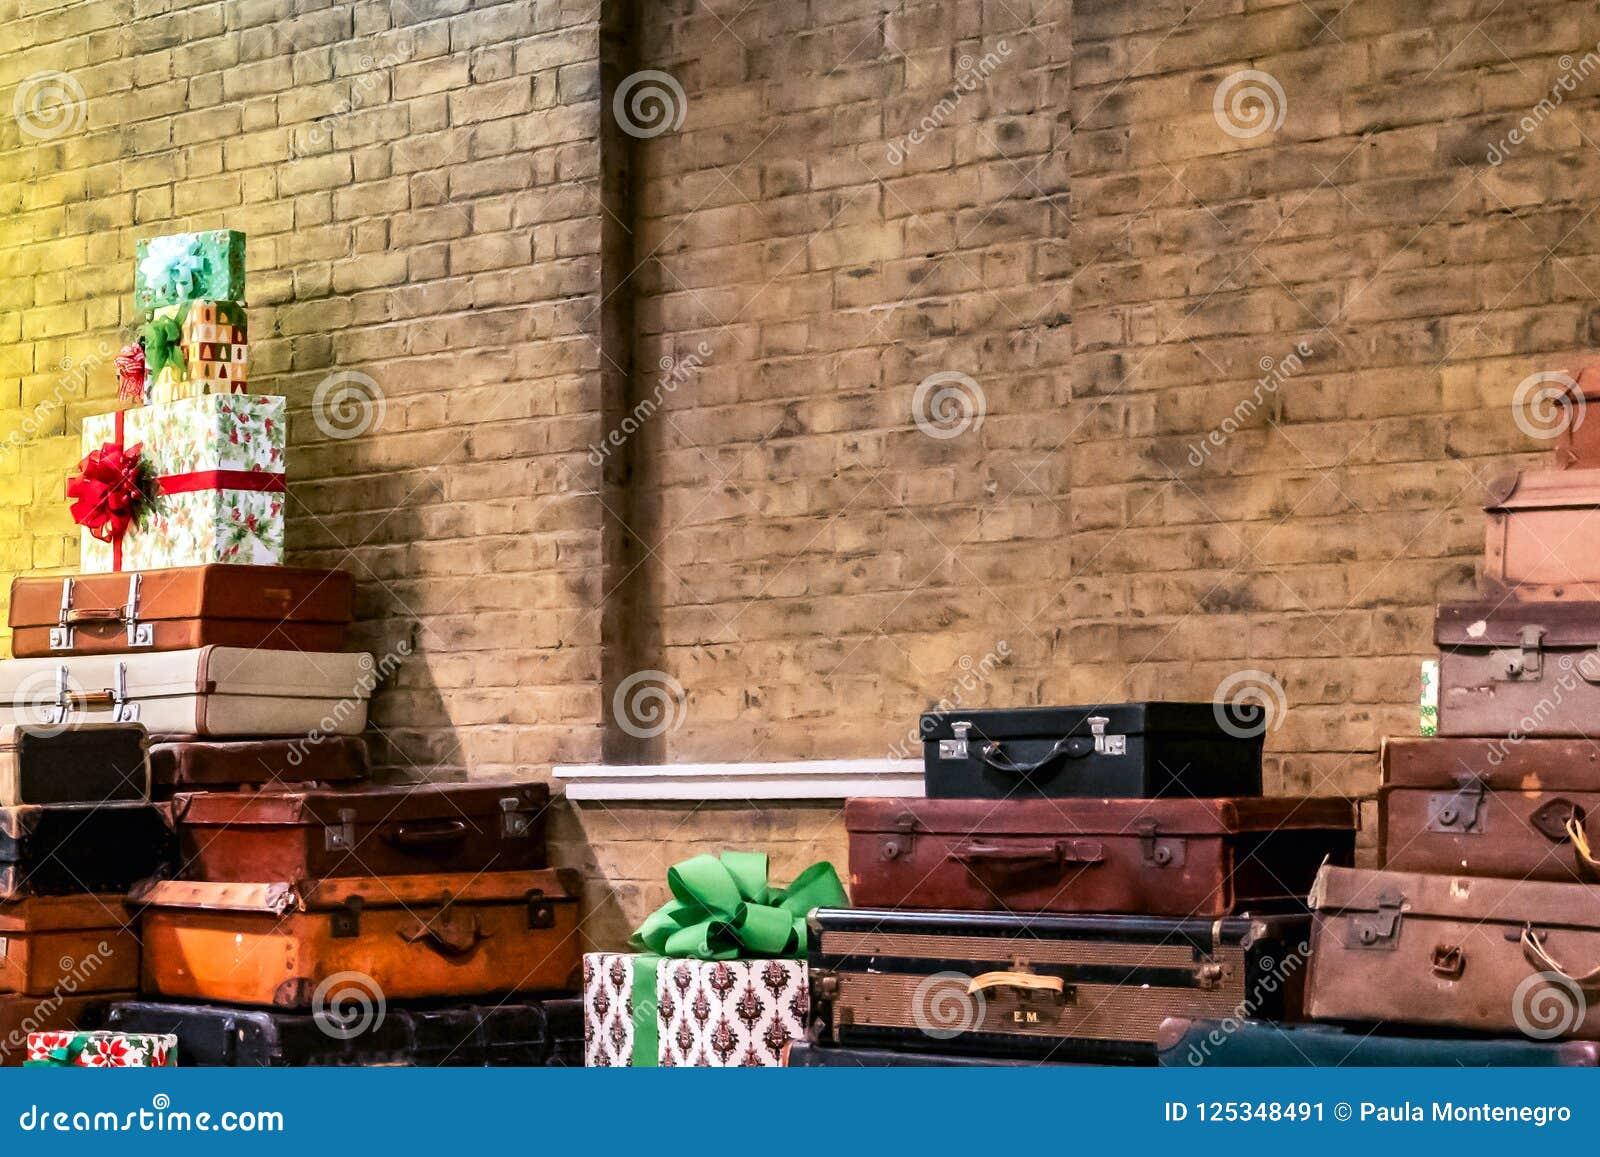 Декоративные винтажные чемоданы и подарки в кирпичной стене